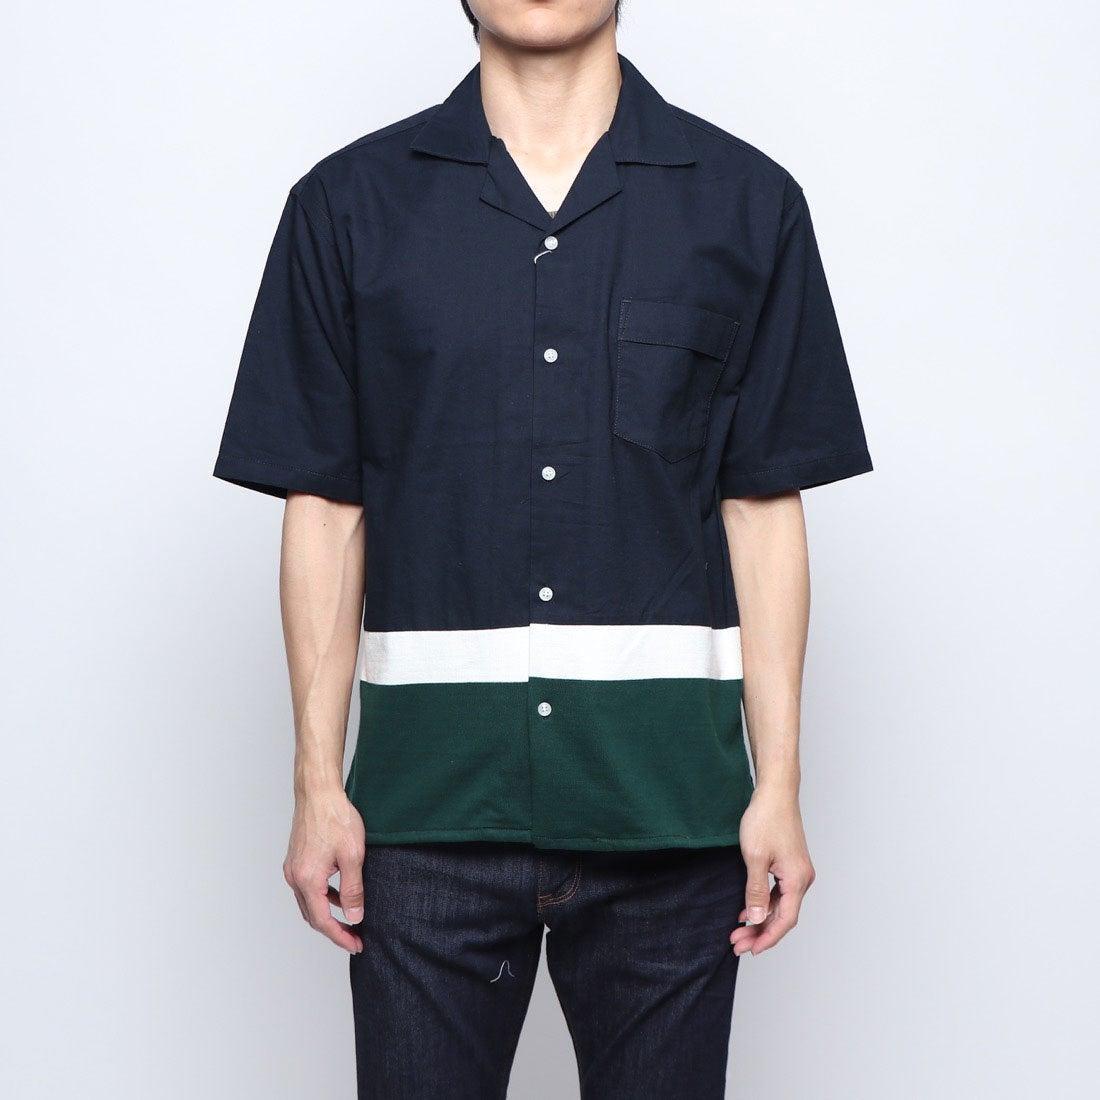 ロコンド 靴とファッションの通販サイトスタイルブロック STYLEBLOCK オックス裾ニット切替半袖オープンカラーシャツ (ネイビー)